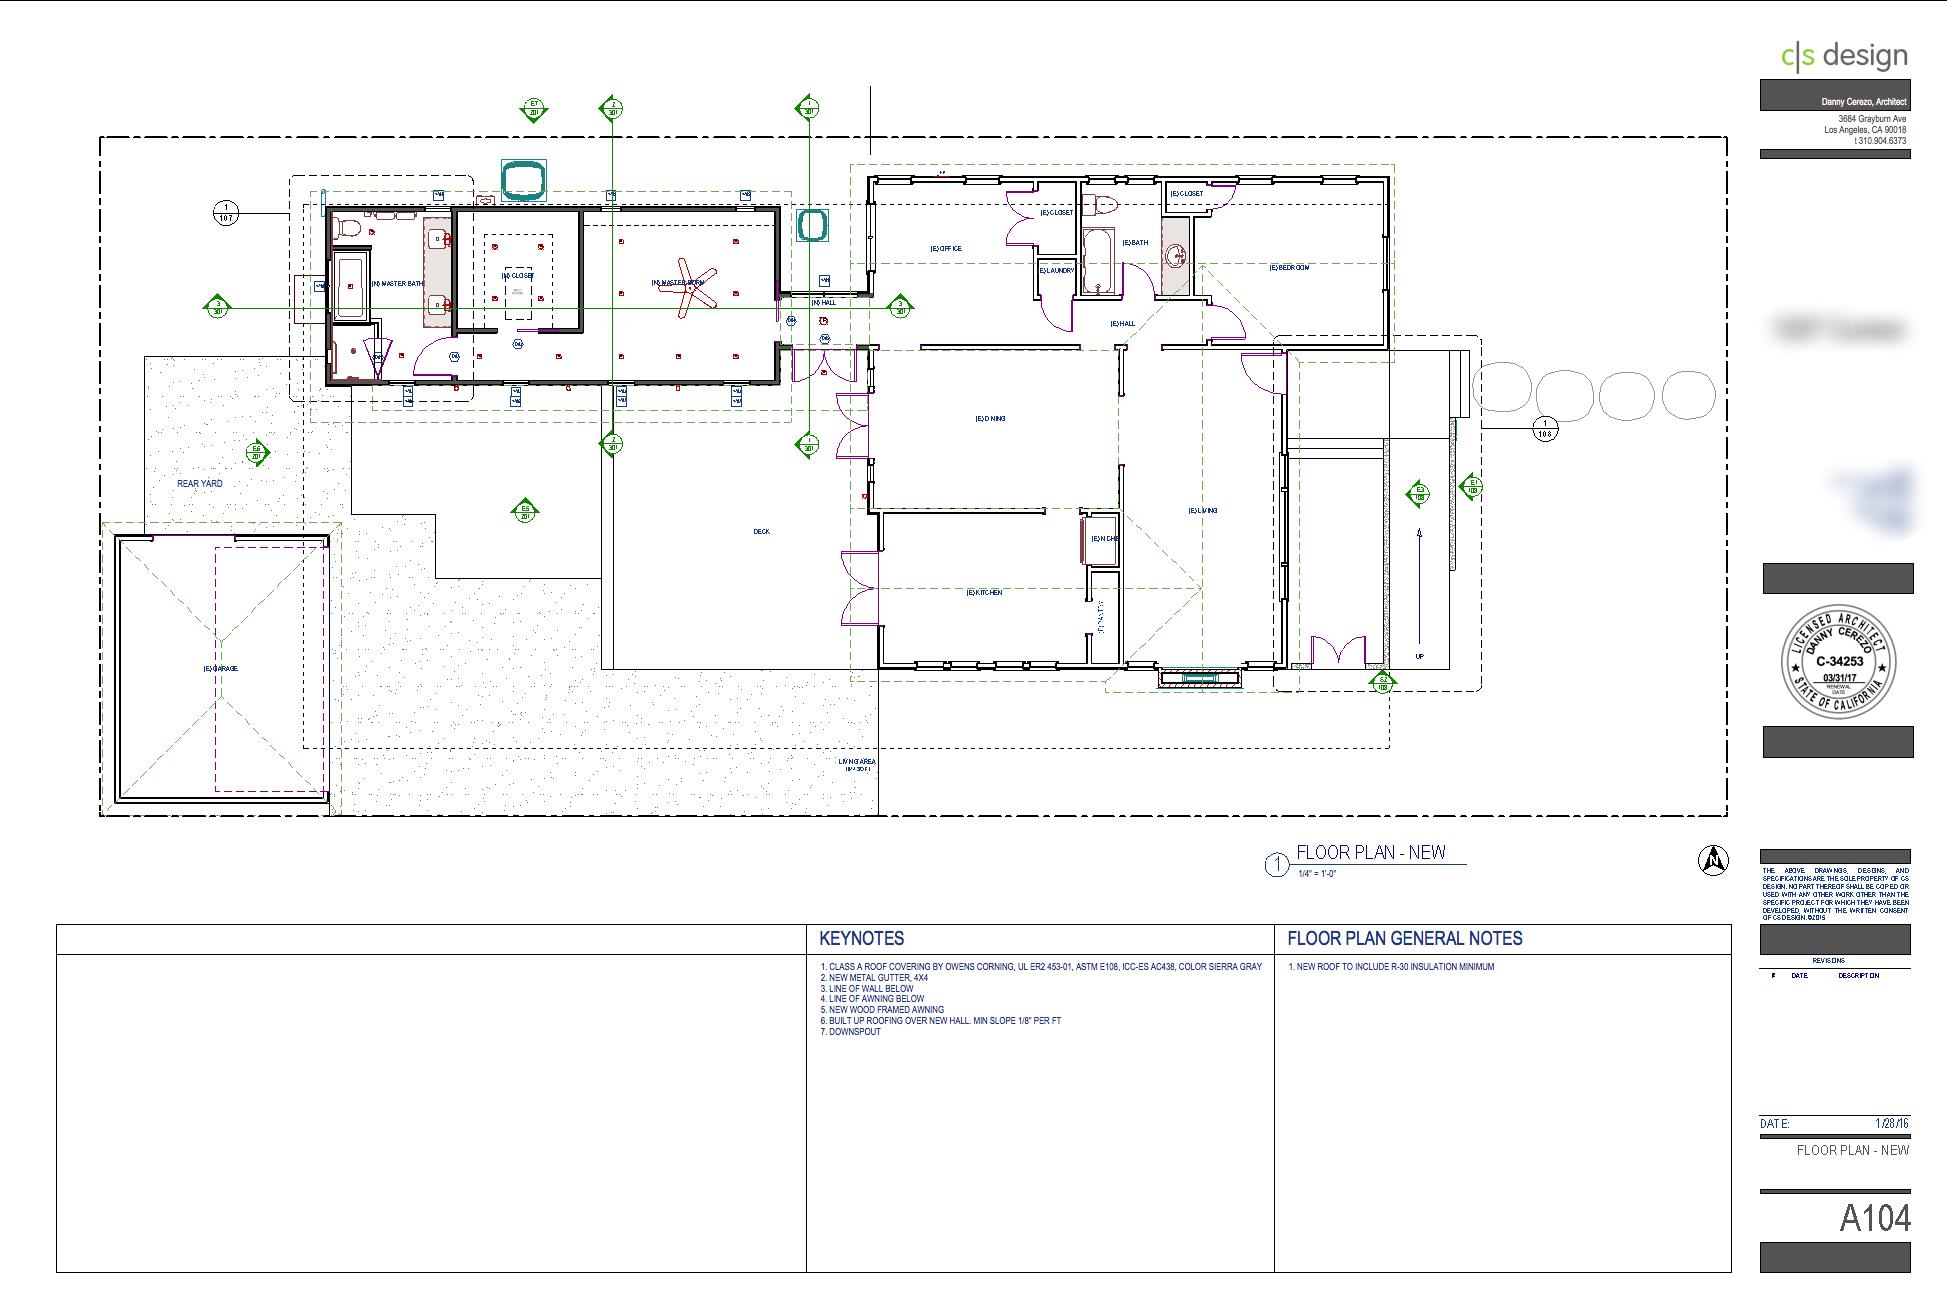 Floor Plan Sheet.